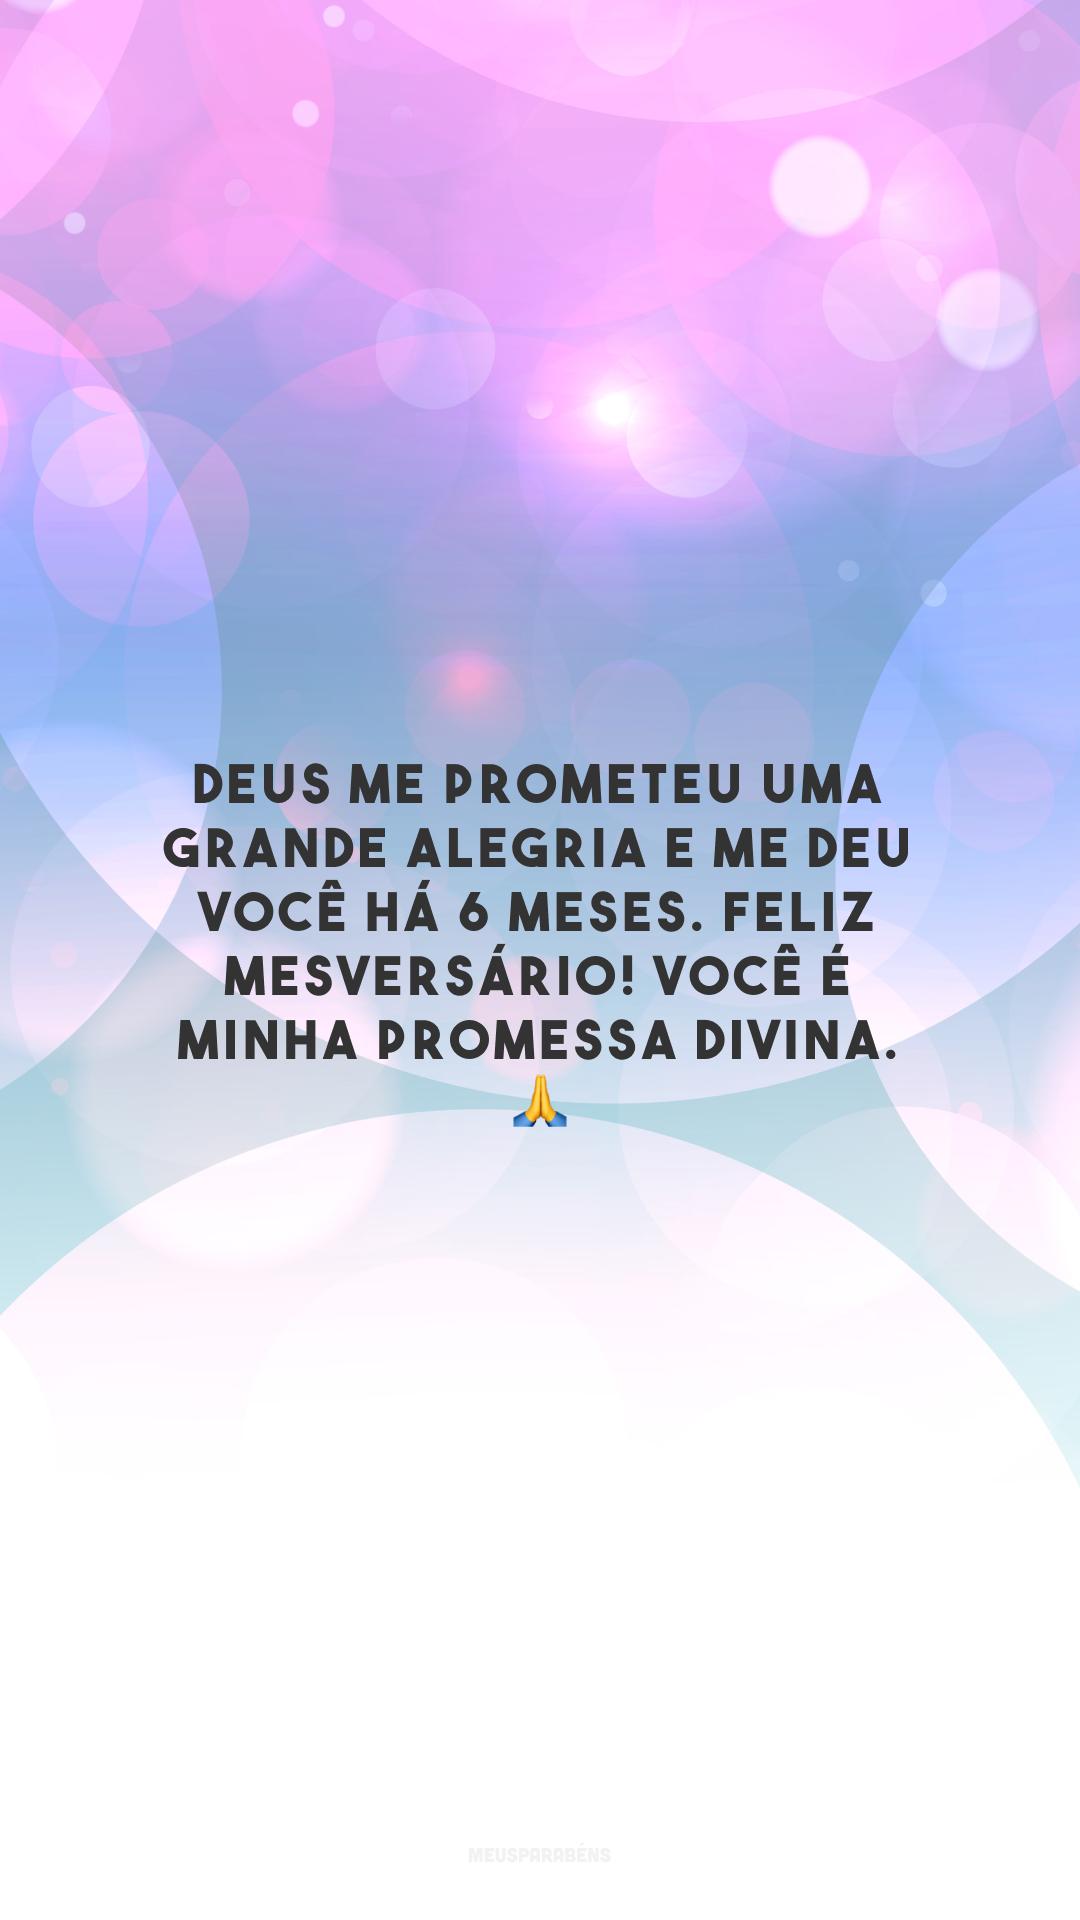 Deus me prometeu uma grande alegria e me deu você há 6 meses. Feliz mesversário! Você é minha promessa divina. 🙏